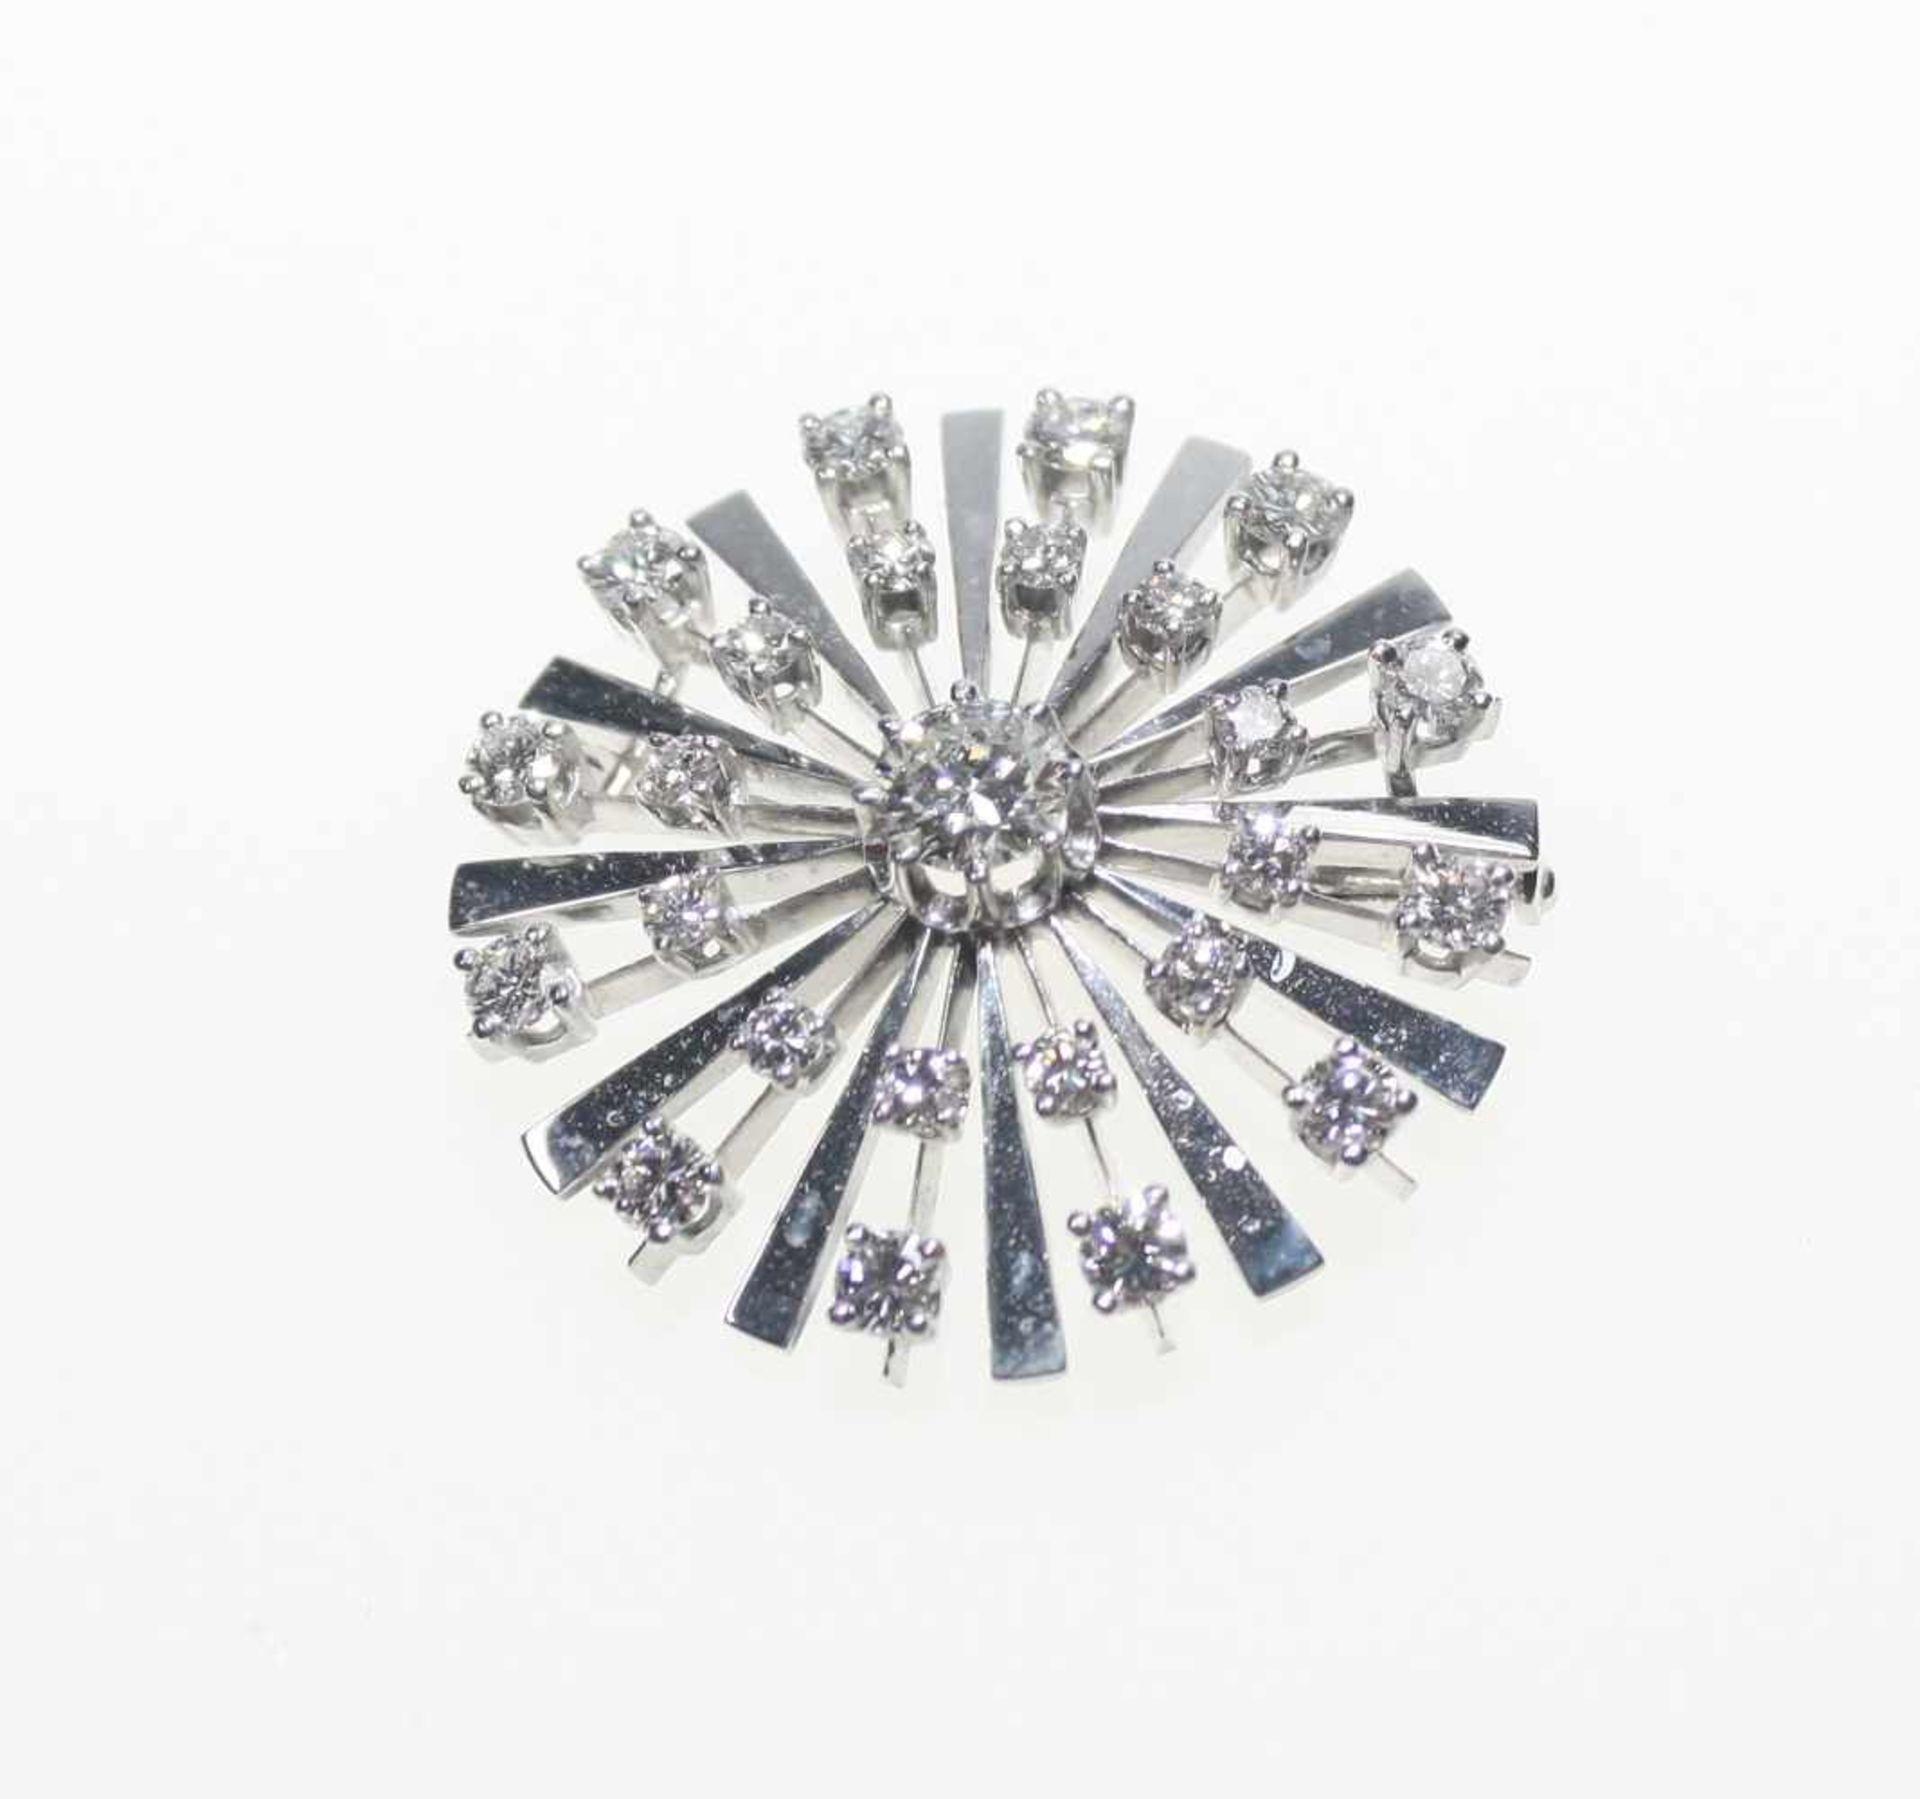 Runde Strahlenbrosche 585/f gest., zur Mitte ein Diamant in Brillantschliff ca. 0,65 ct, in